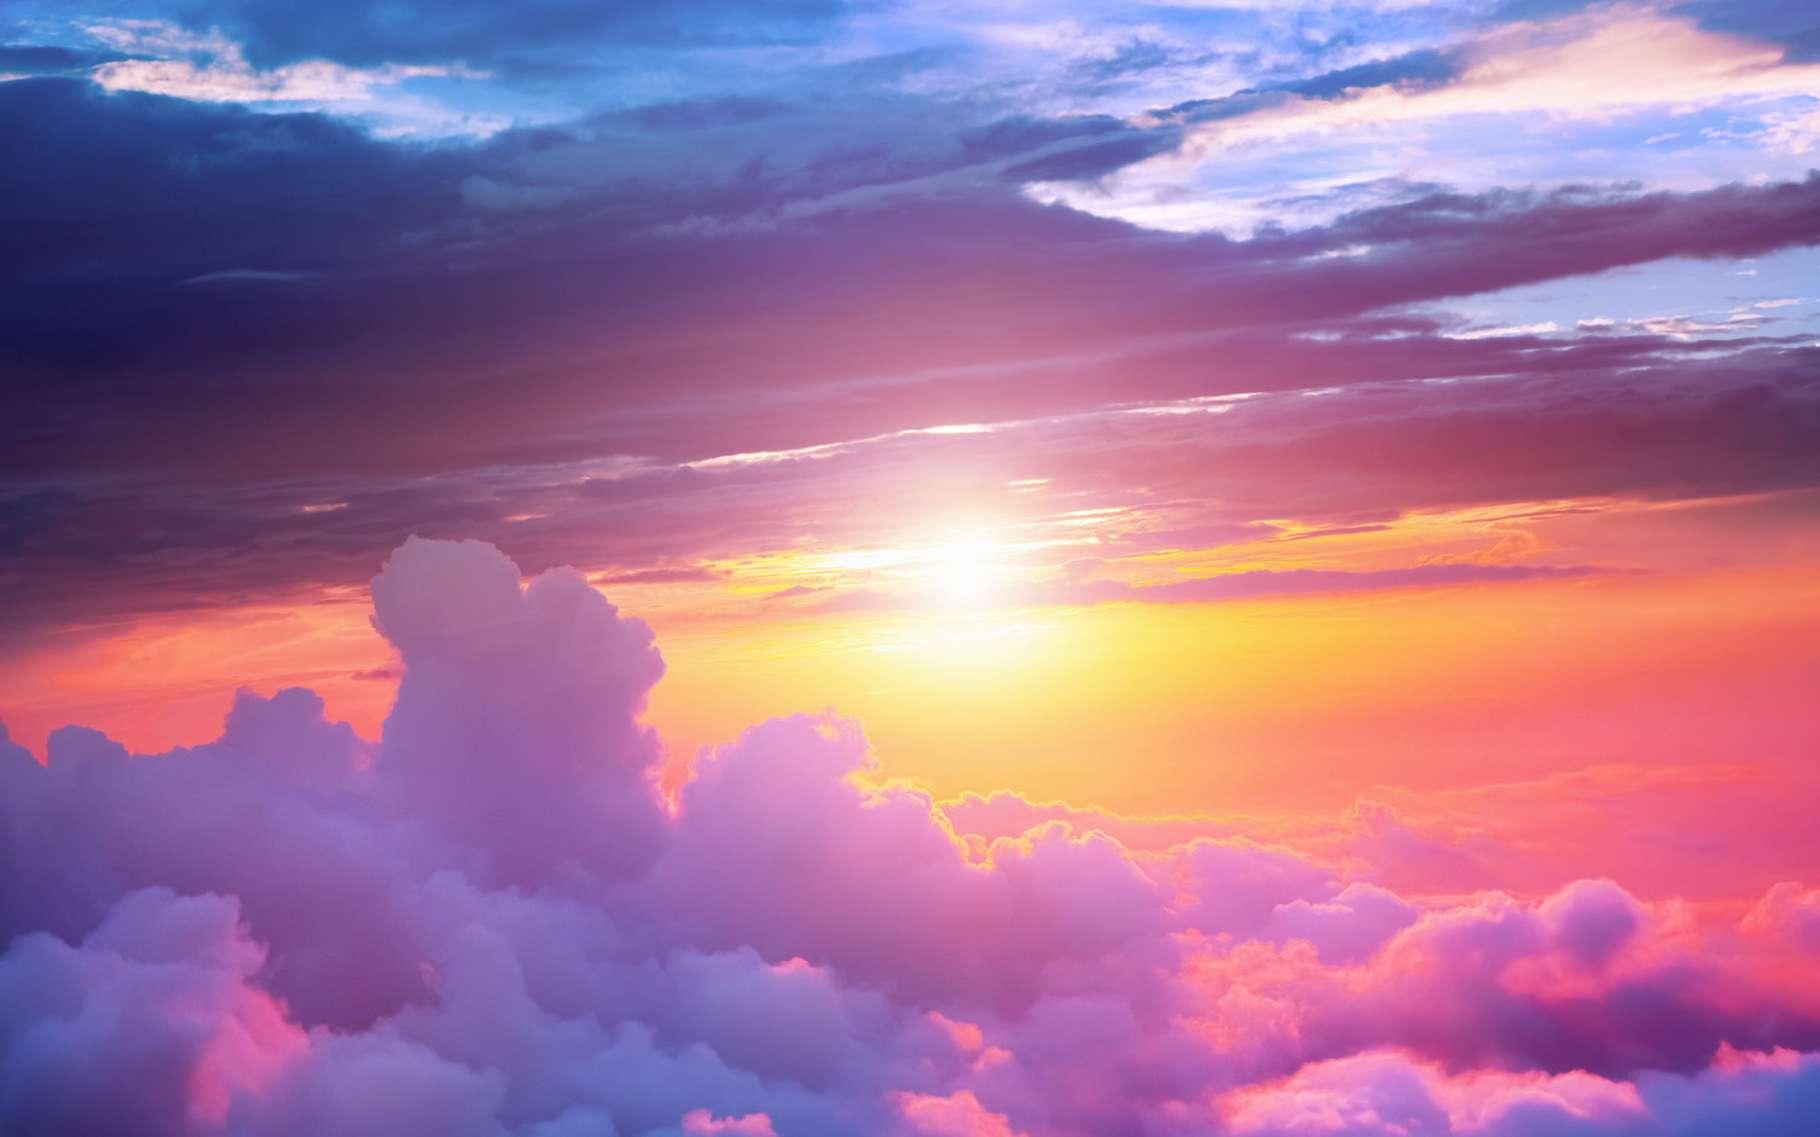 Le paradoxe du jeune soleil faible est le suivant : les scientifiques supposent qu'il y a 2,7 milliards d'années, la chaleur régnant sur Terre était importante alors que le jeune Soleil était encore peu lumineux. Comment expliquer ce mystérieux phénomène ? © Adisa, Shutterstock